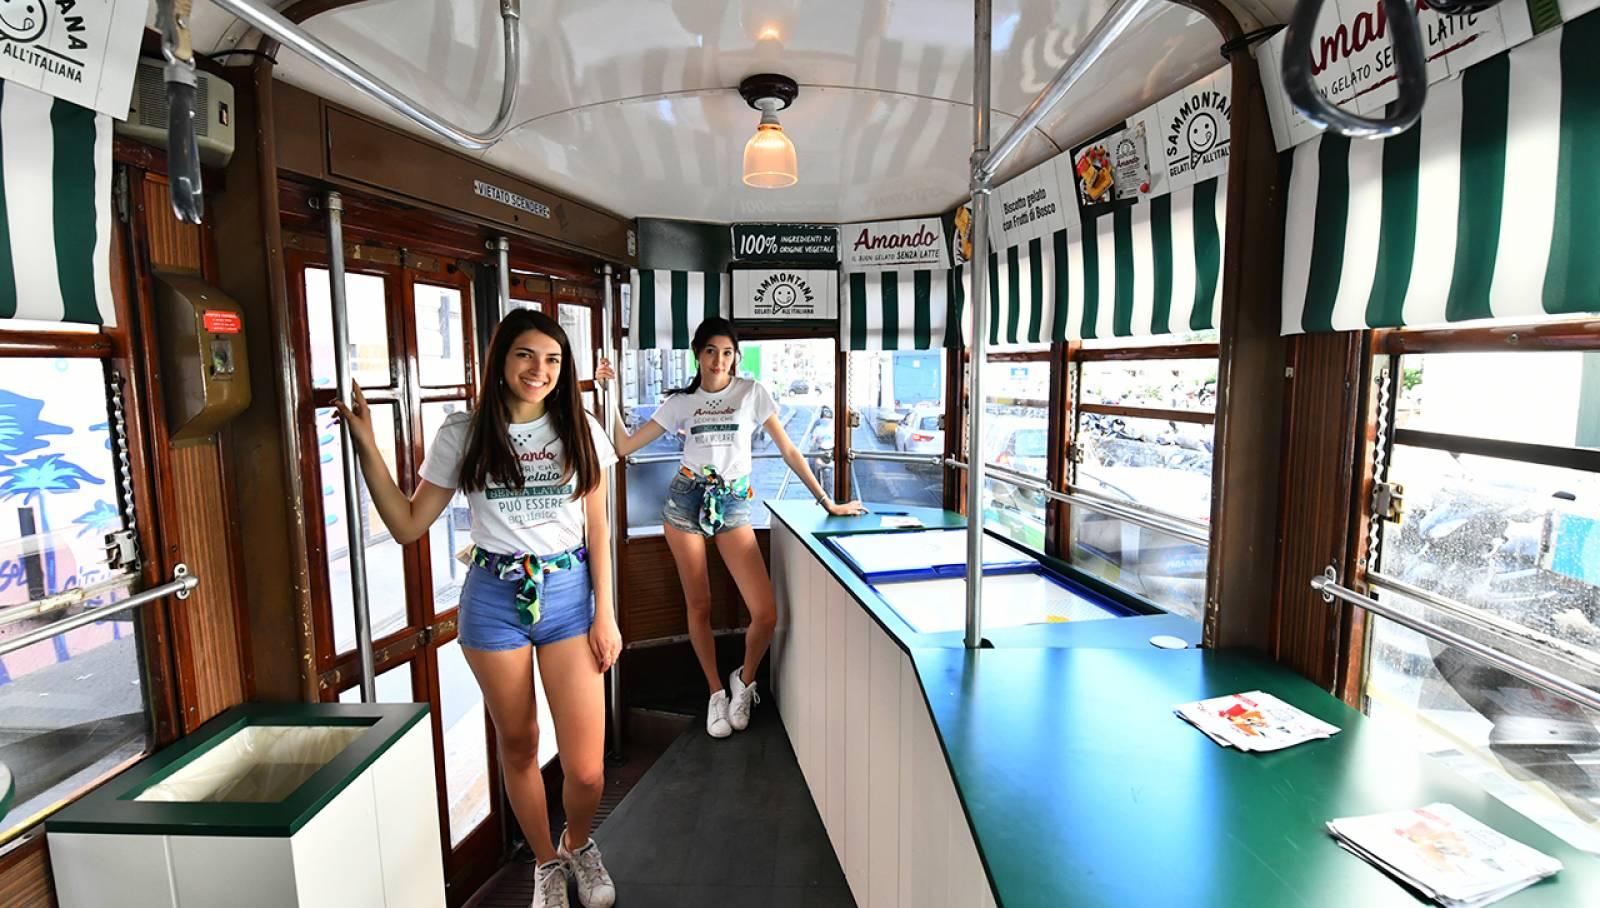 Pubblicità su tram IGPDecaux tram speciale per Sammontana a Milano